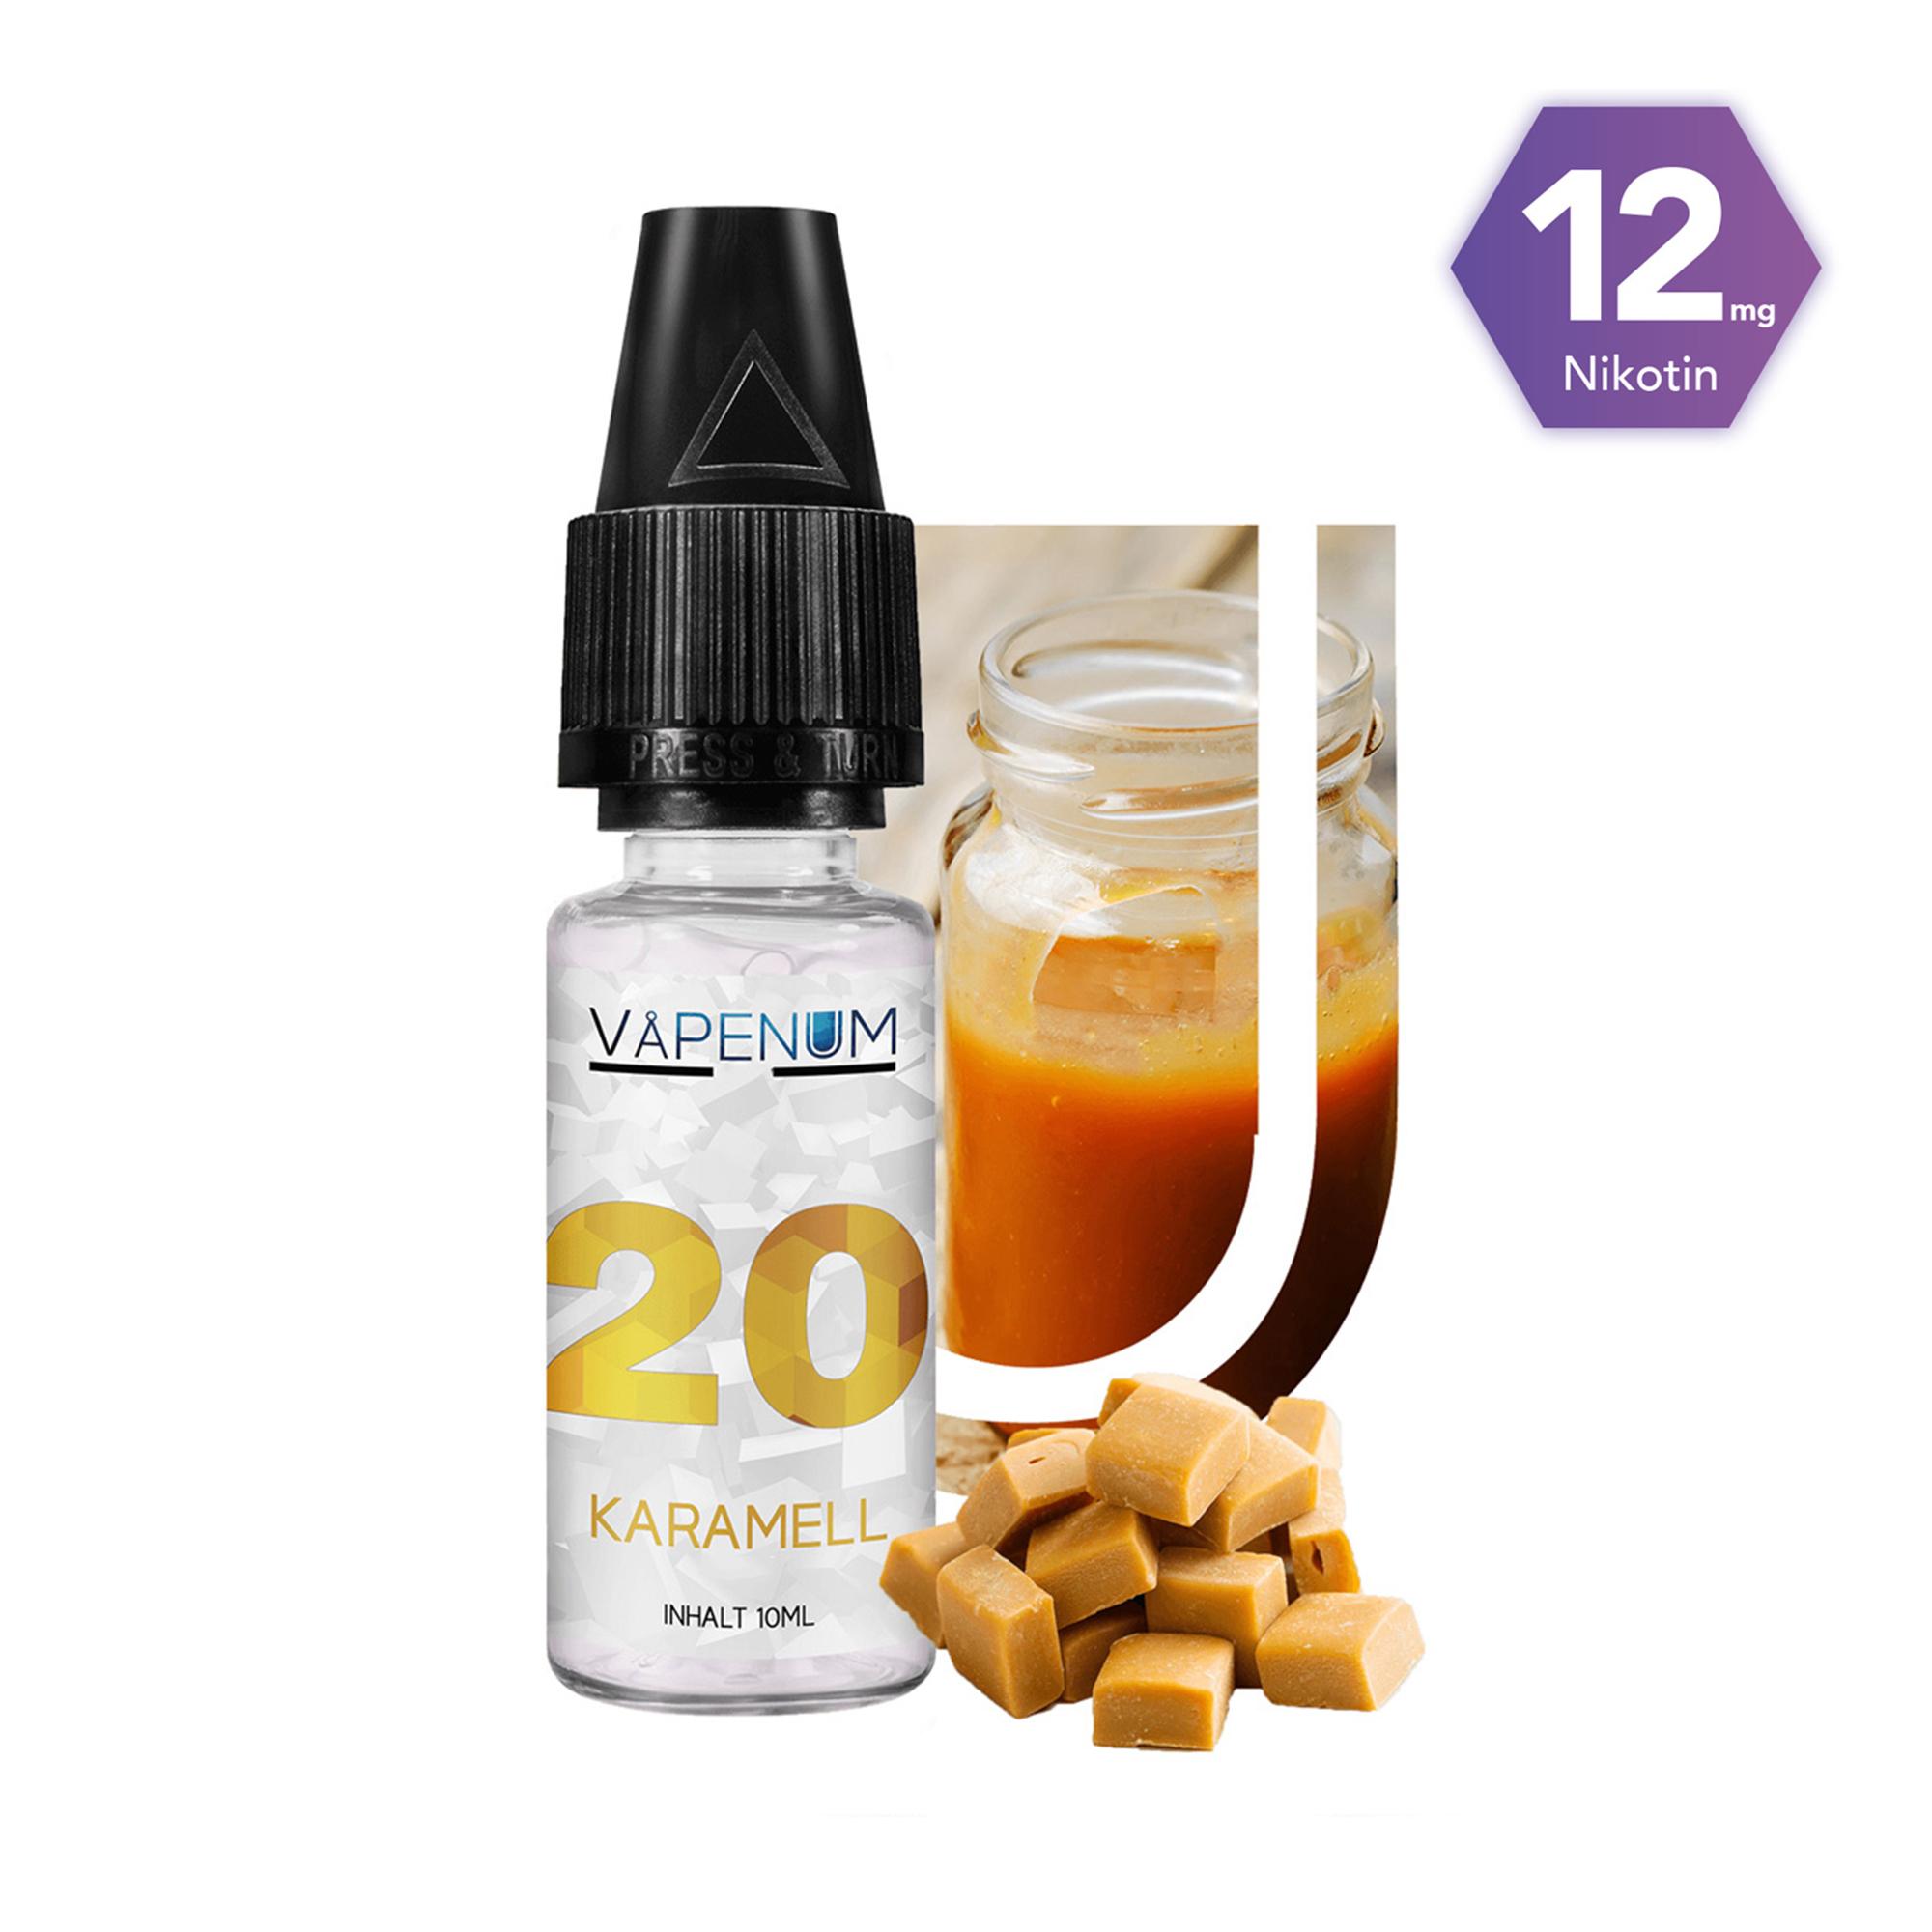 20 - Karamell Liquid by Vapenum 12mg